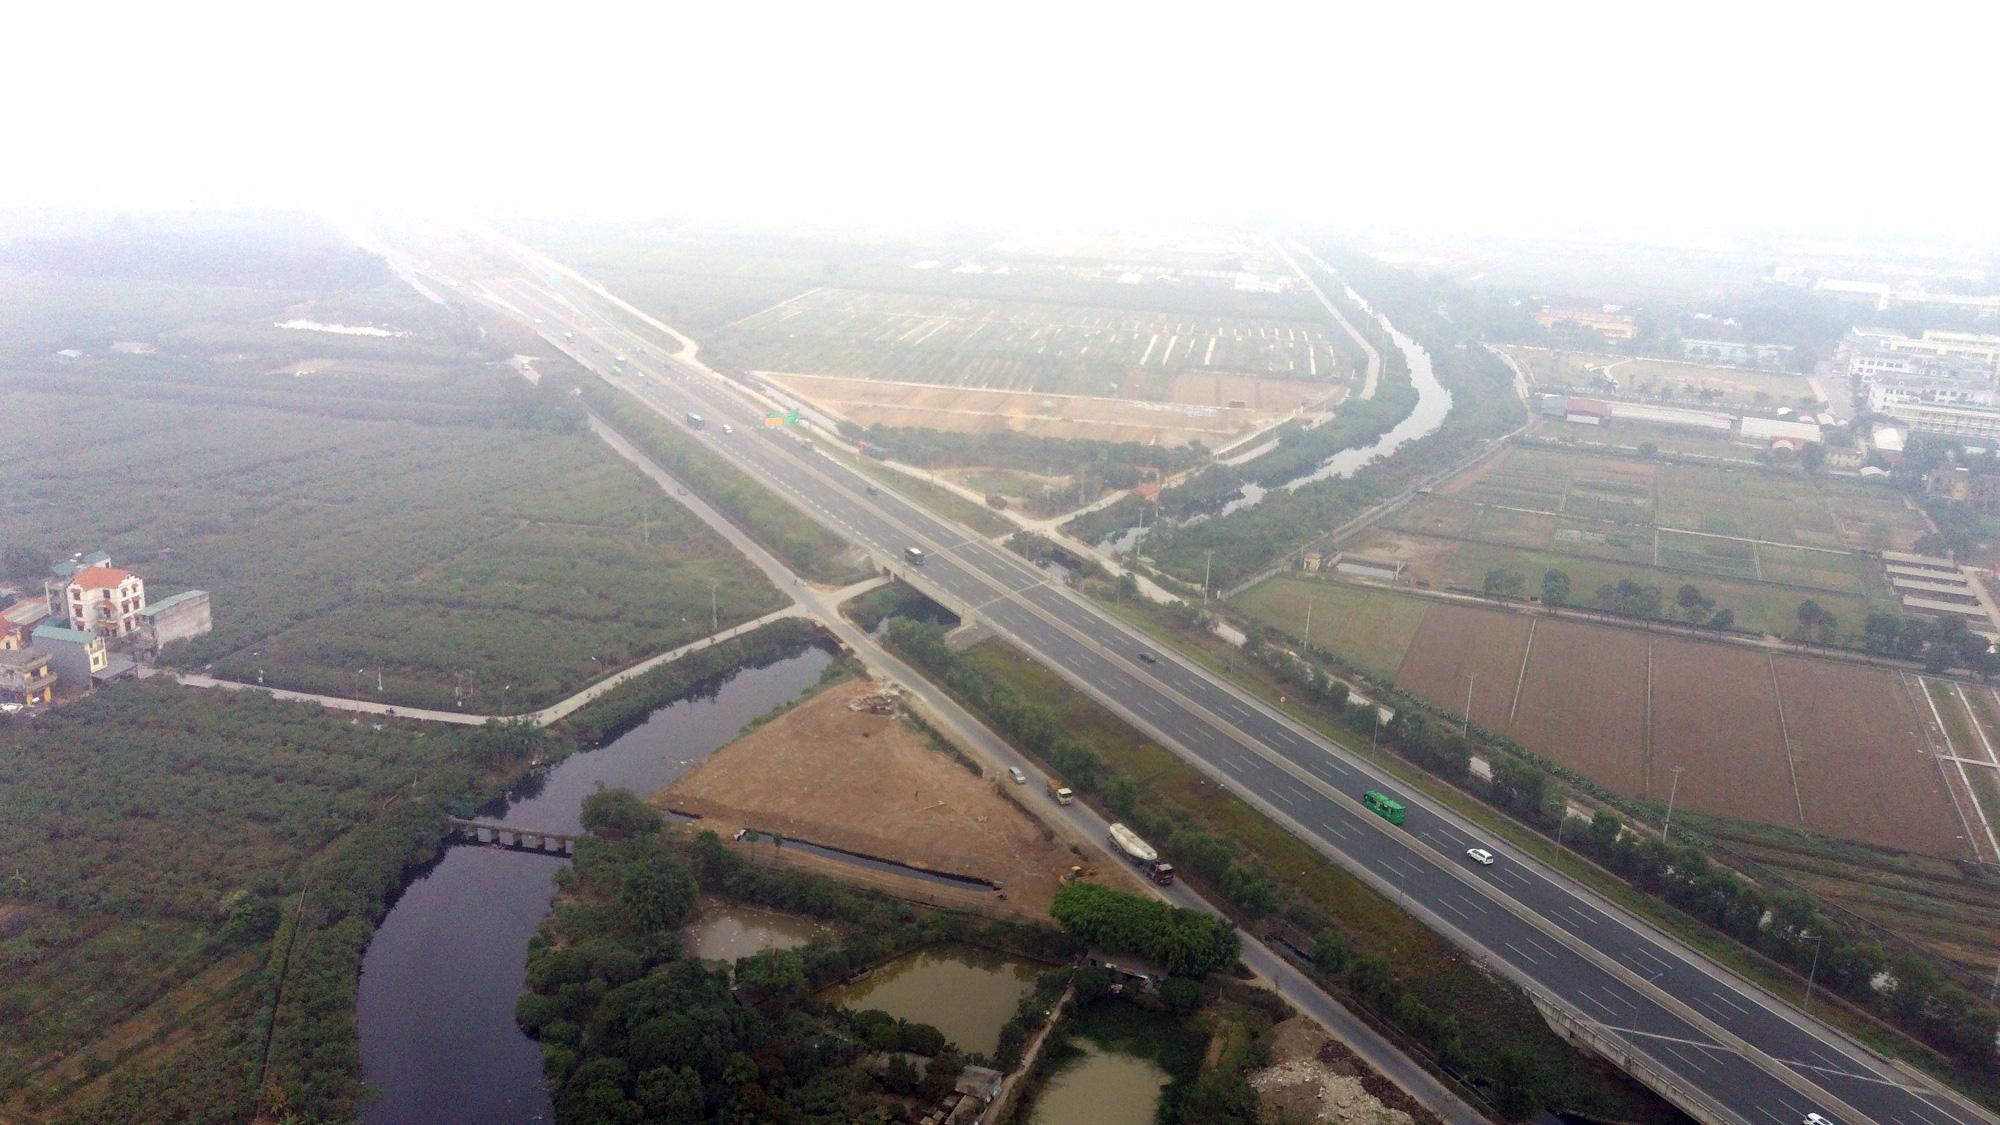 Làm cao tốc Bắc - Nam hay nâng cấp QL1A? - Ảnh 3.